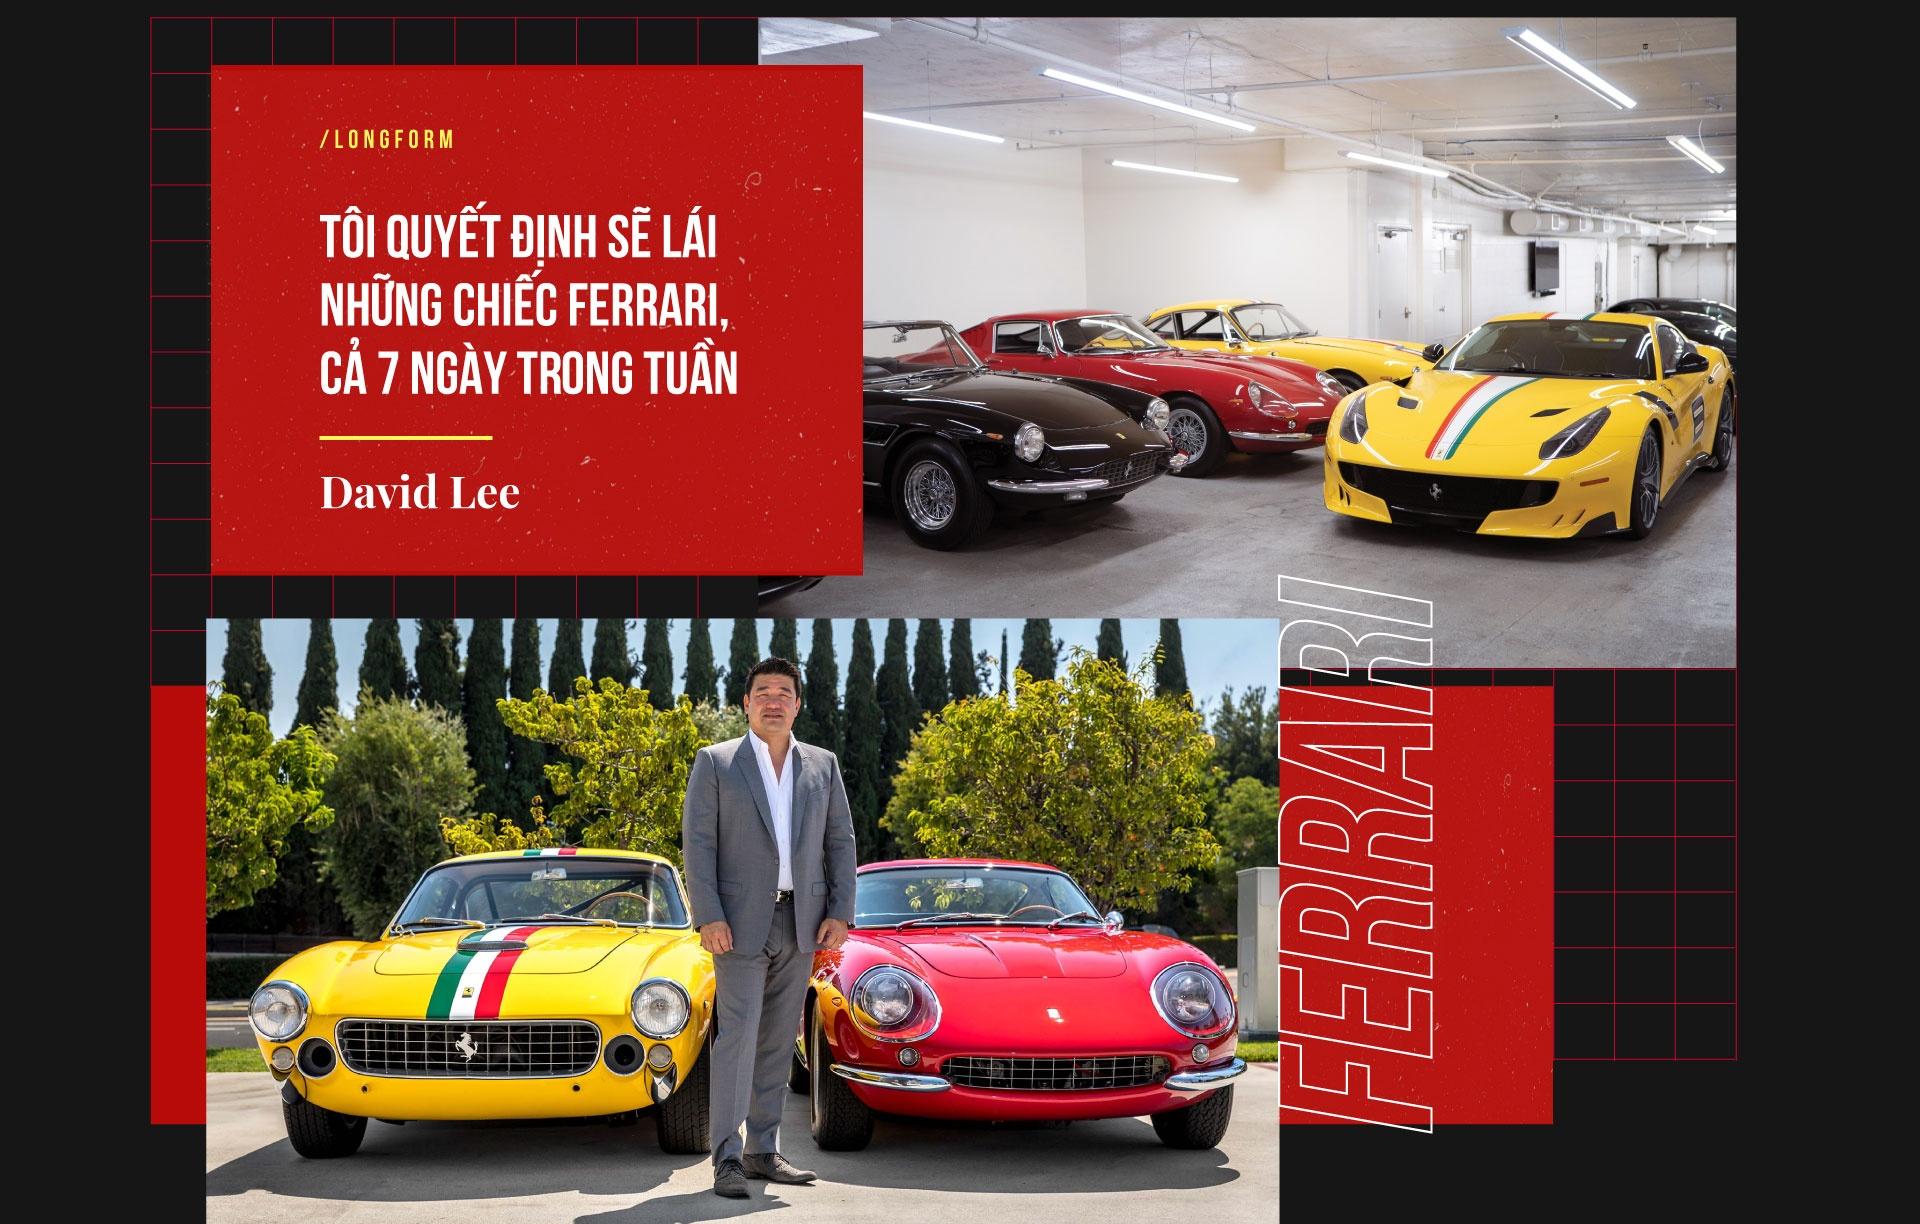 Ferrari - khong phai co tien la mua duoc anh 14